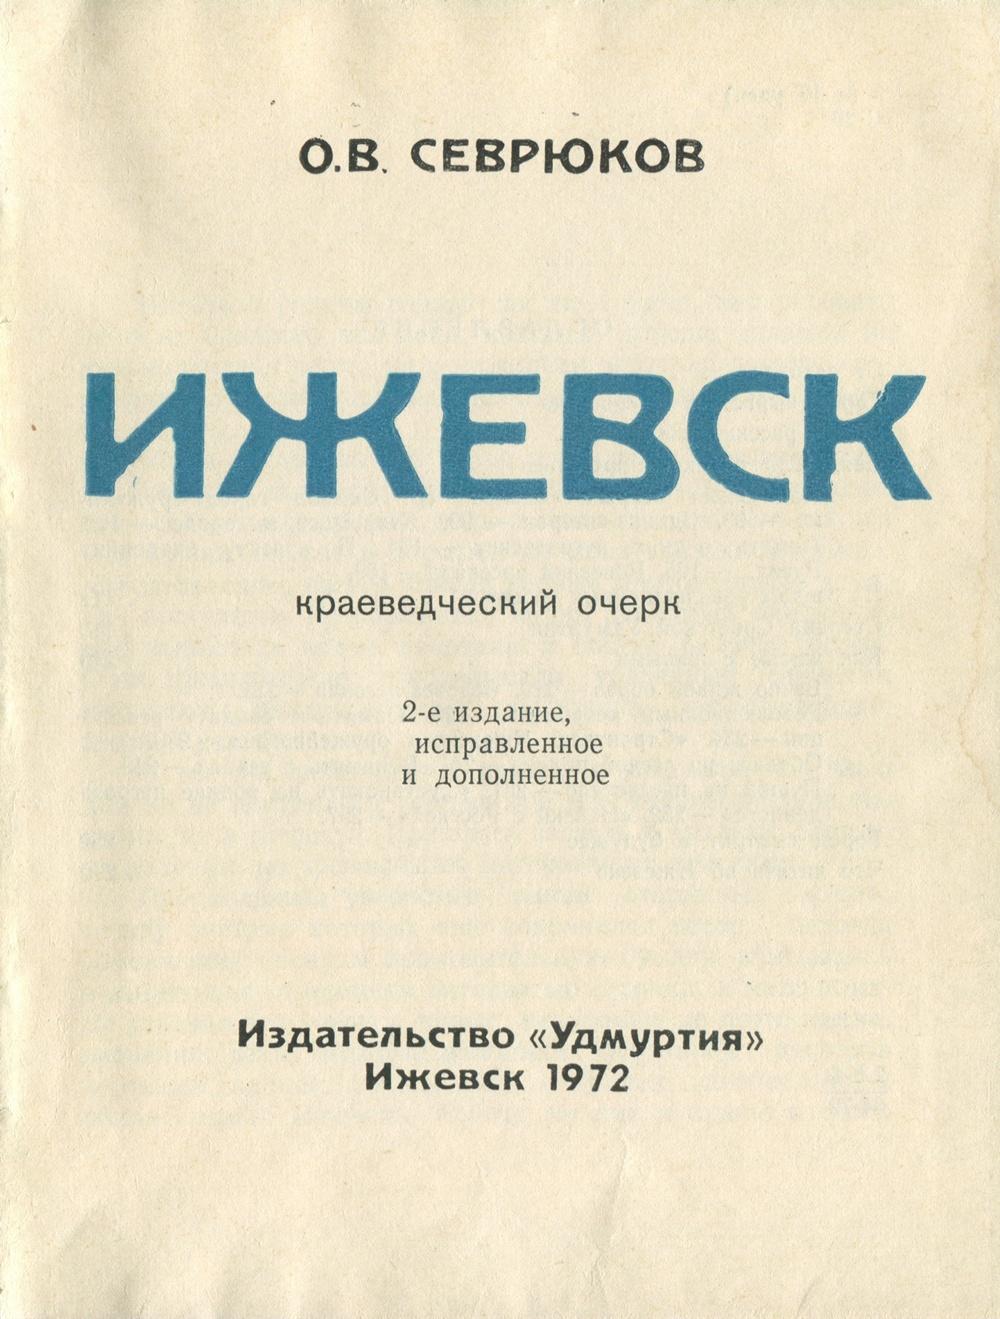 Строительная компания эльба Ижевск строительные организации Ижевск